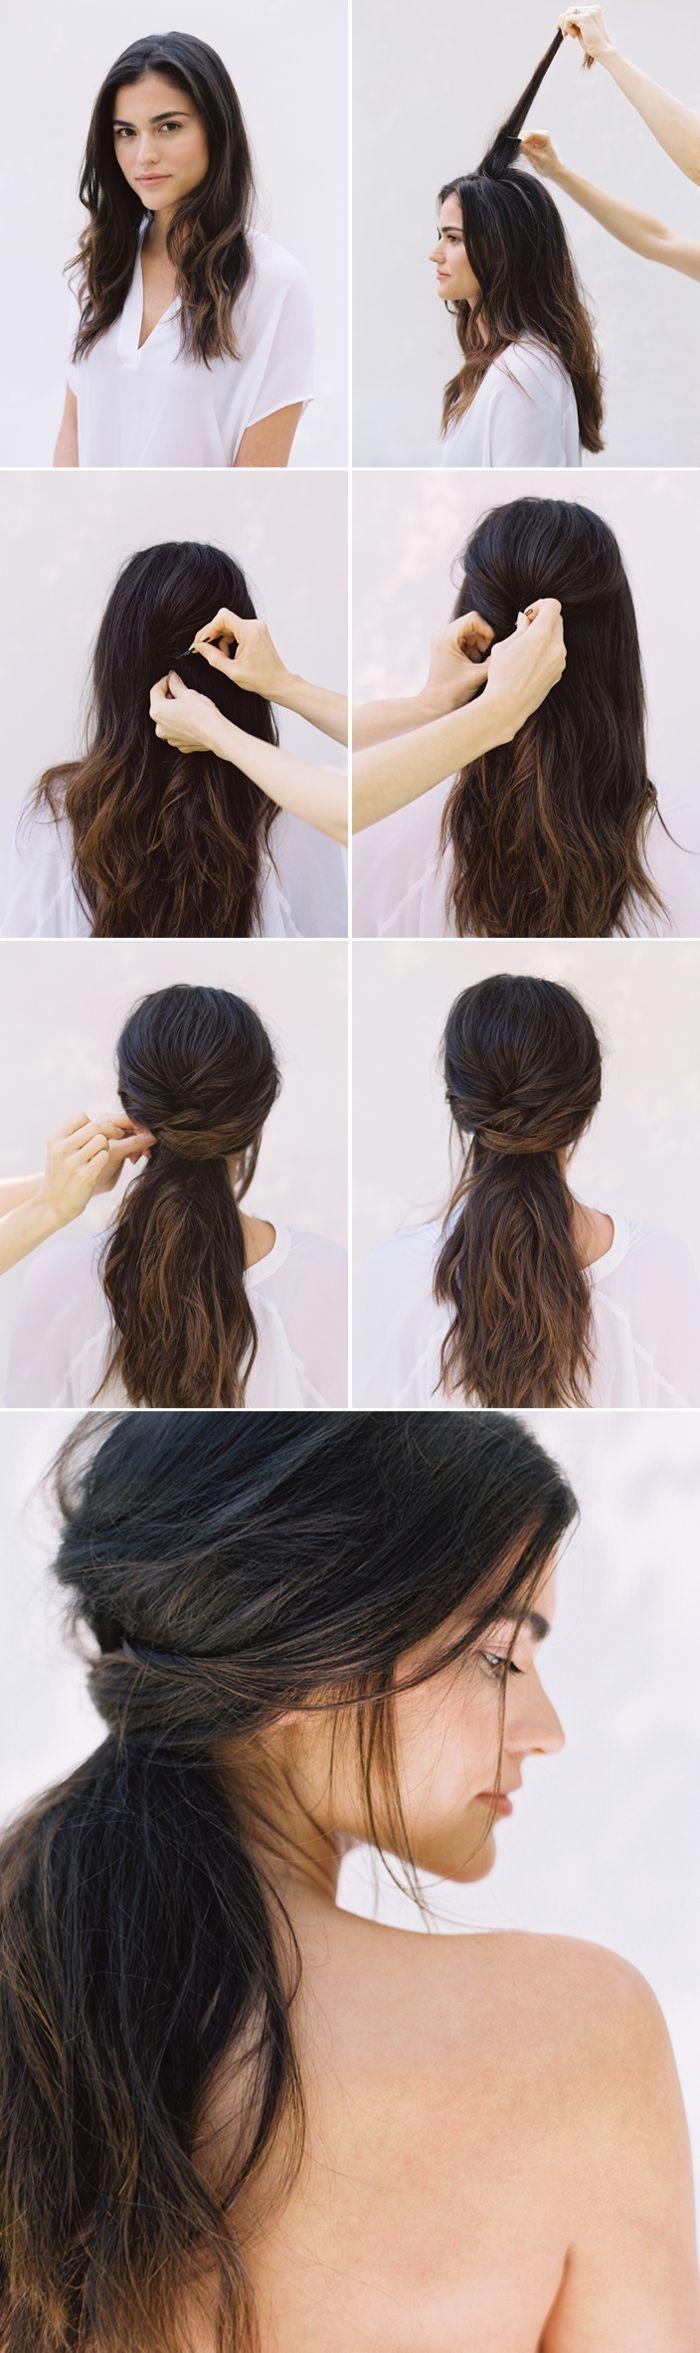 tuto coiffure facile, étapes à suivre pour faire une coiffure en cheveux mi-attachés avec mèches tombantes devant